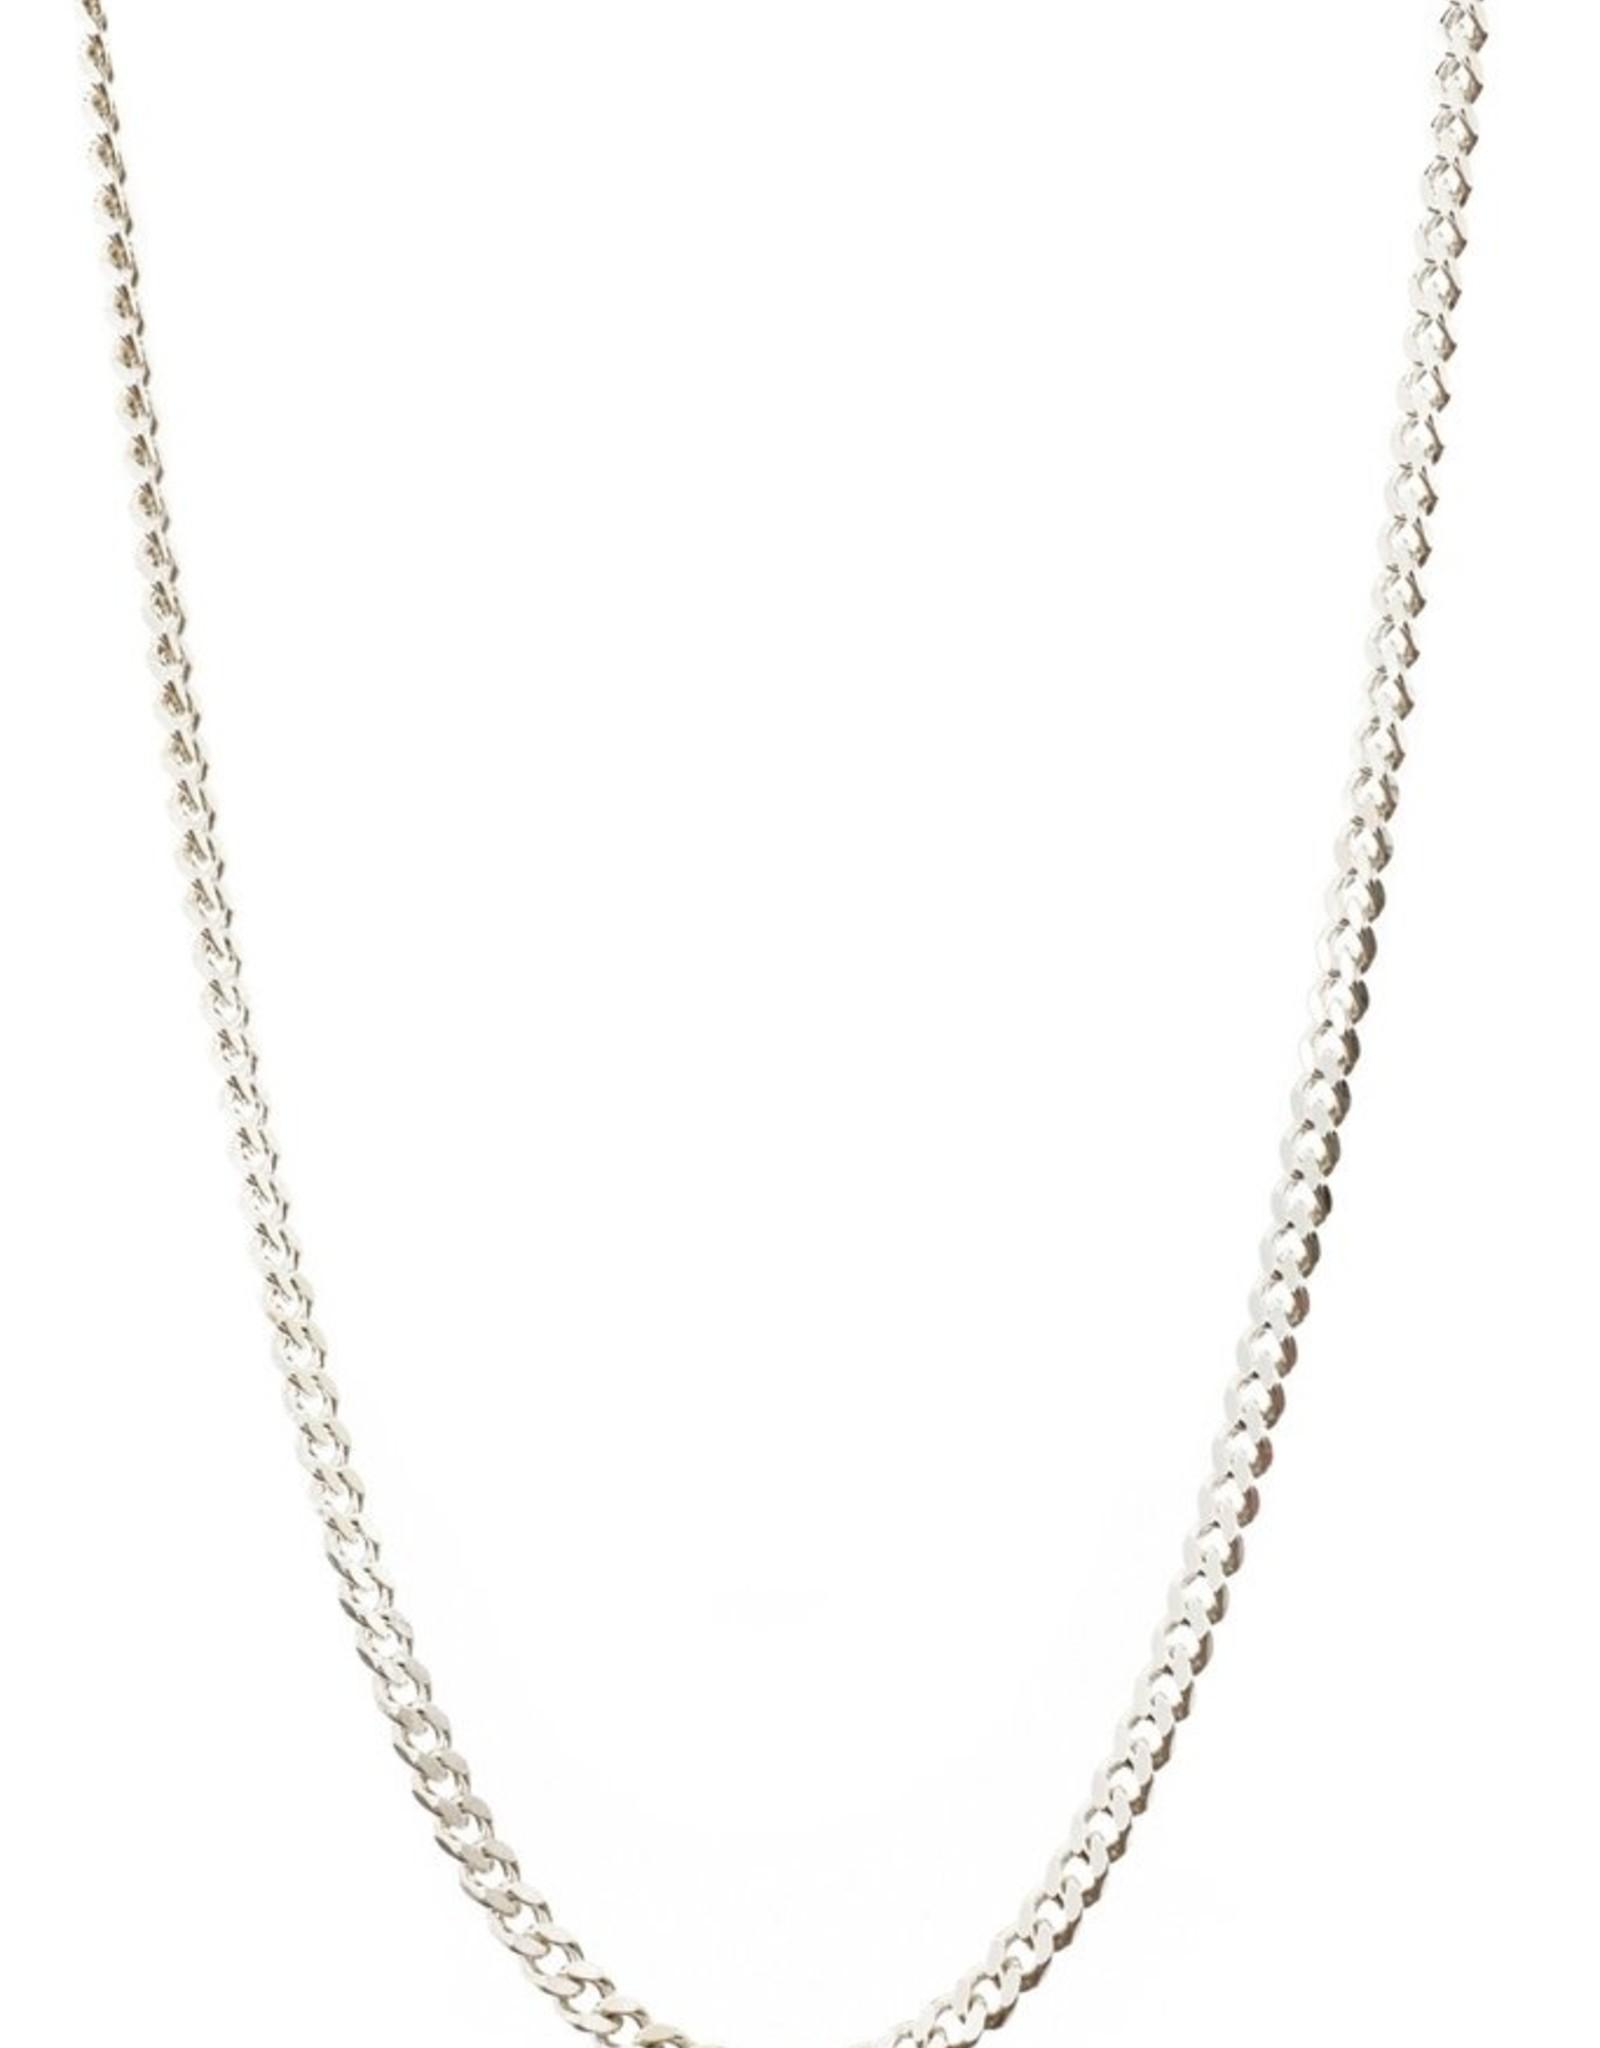 Lisbeth Ellison Chain - Sterling Silver Curb Chain